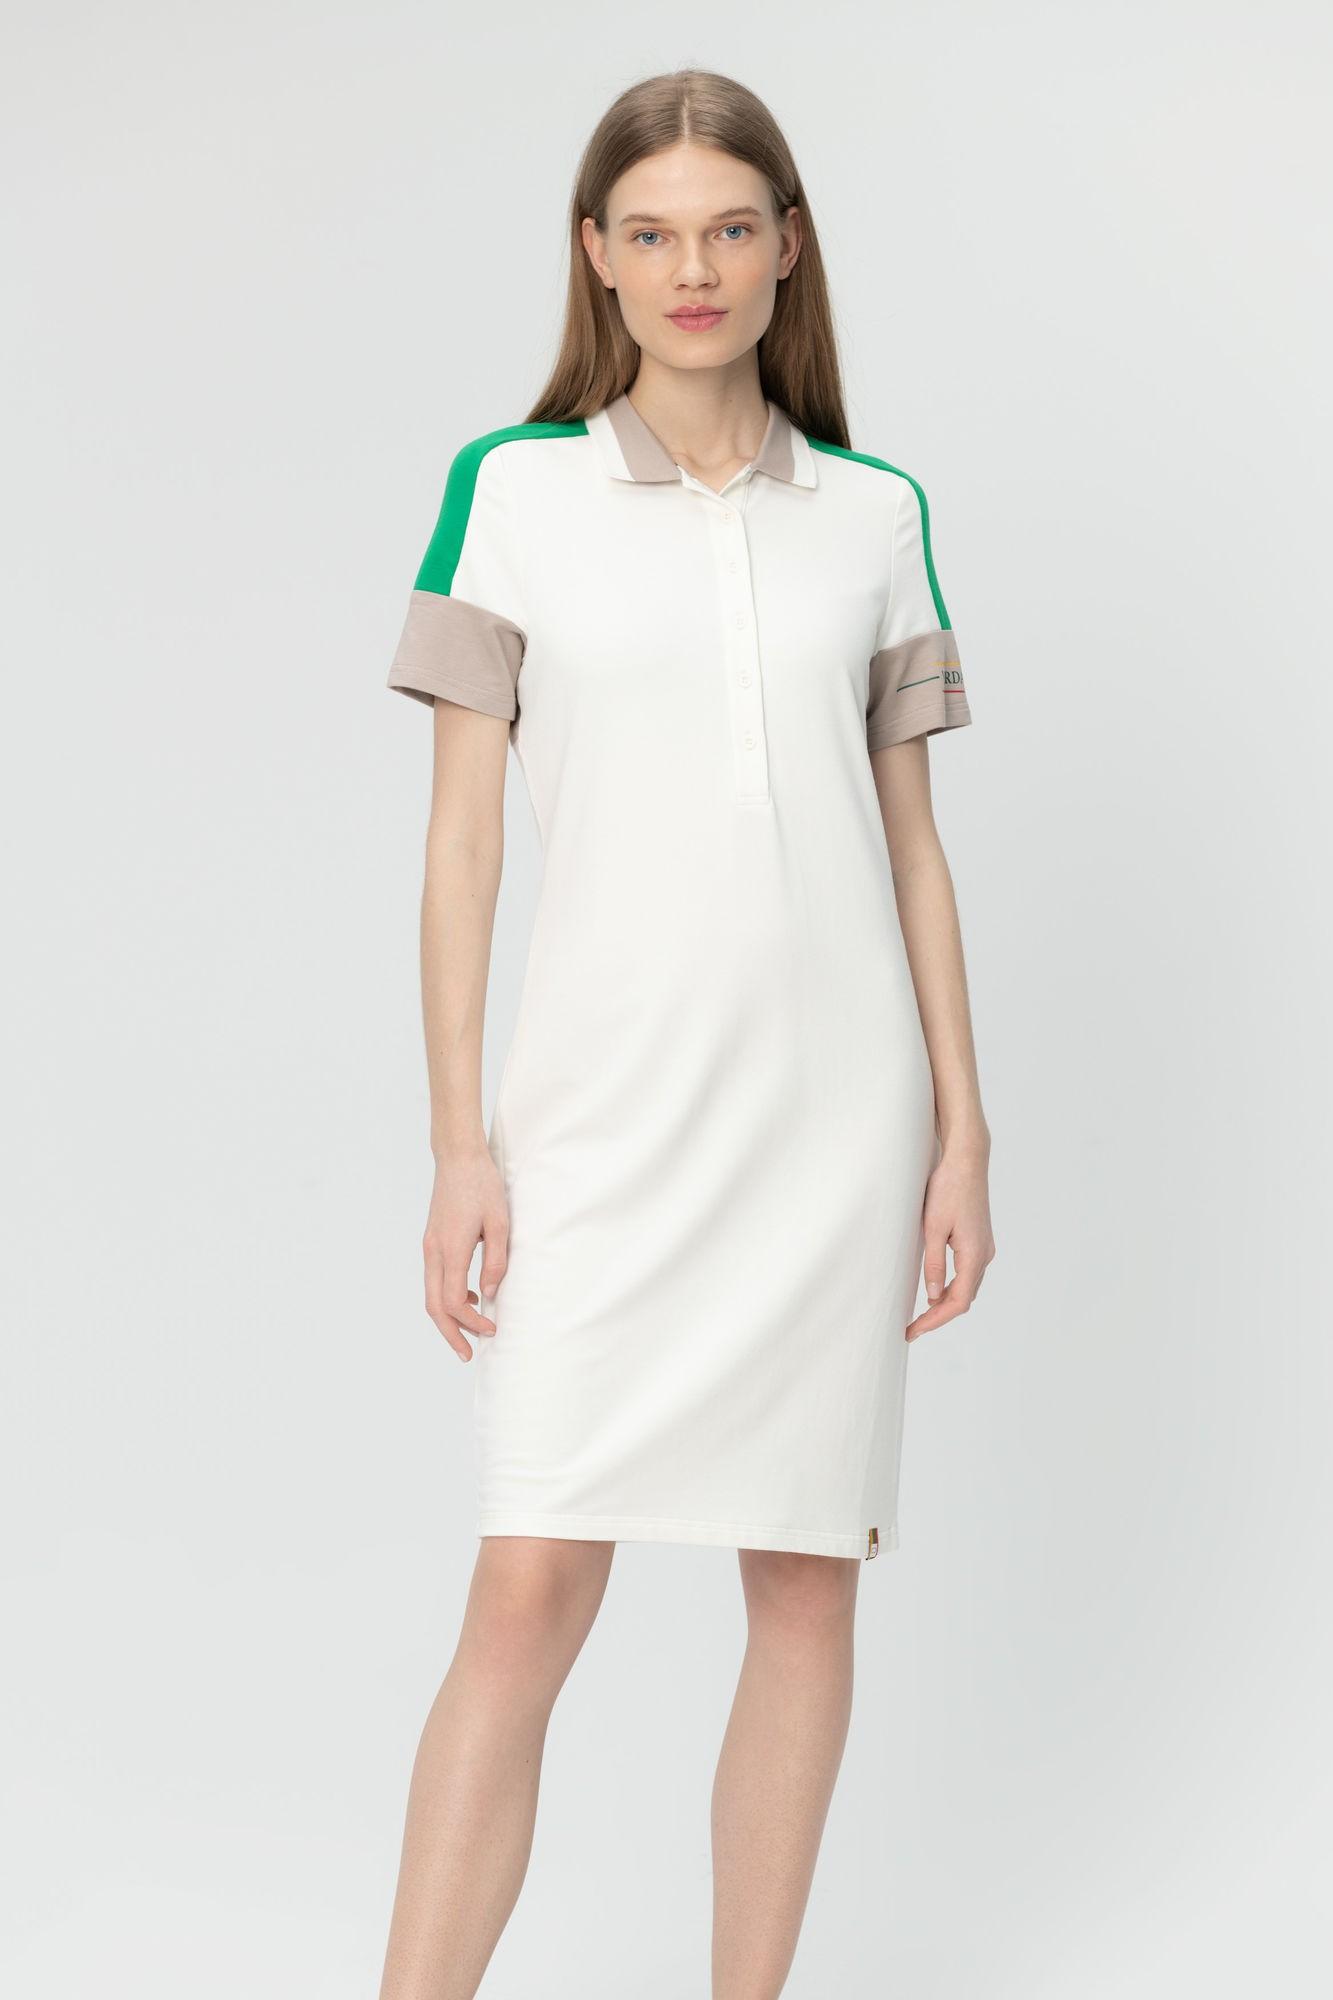 AUDIMAS Švelnaus modalo polo suknelė 20LT-010 Blanc De Blanc XL